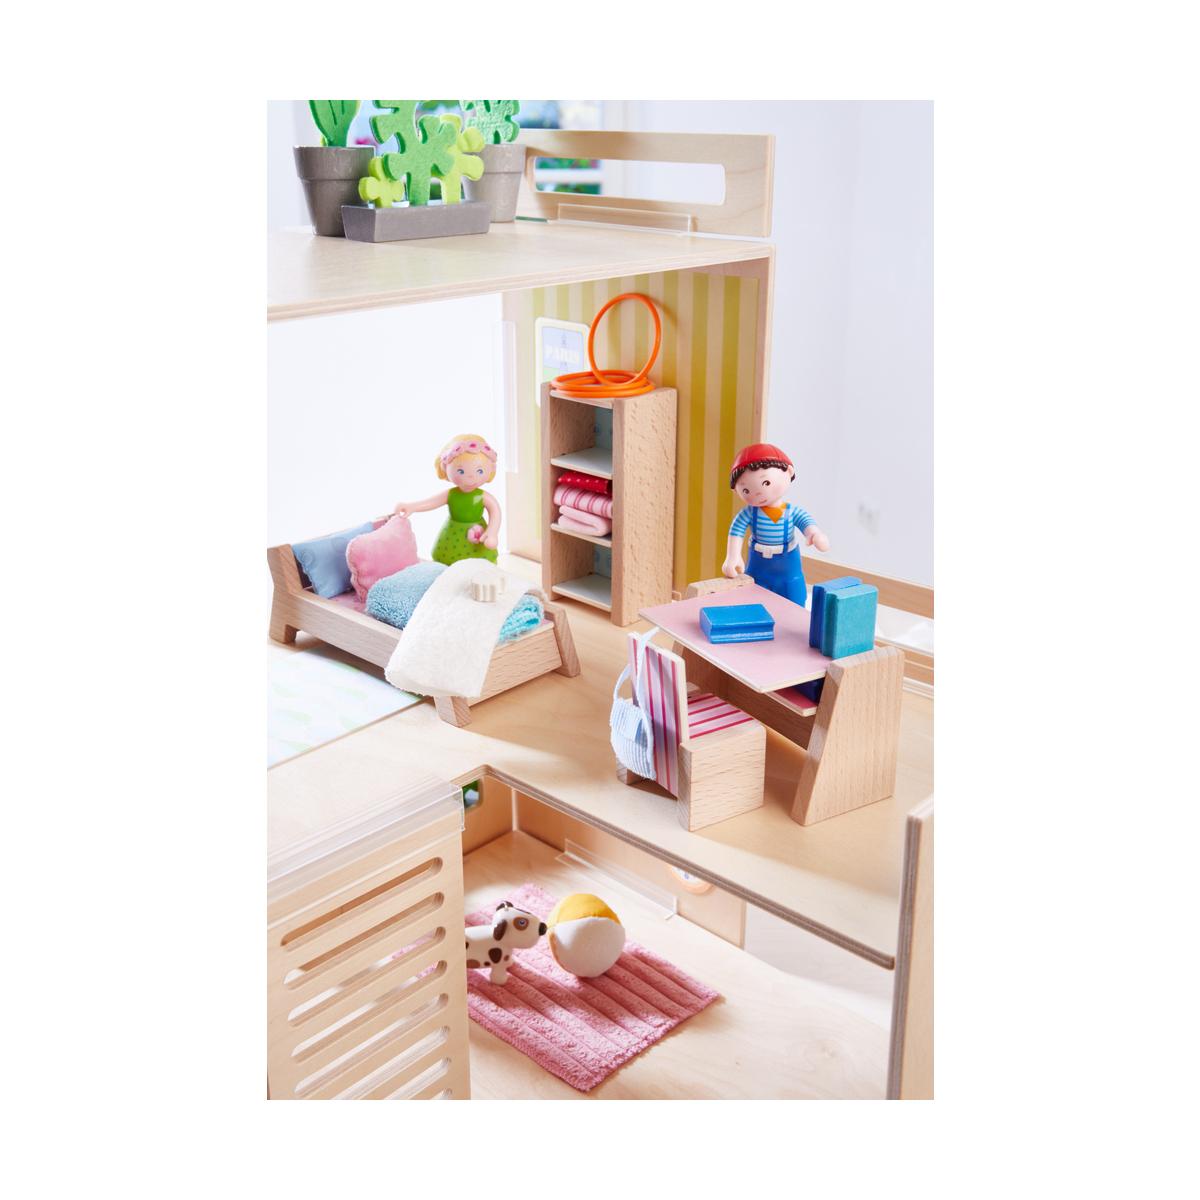 Chambre D Ado Meubles Pour Maison Little Friends A Partir De 3